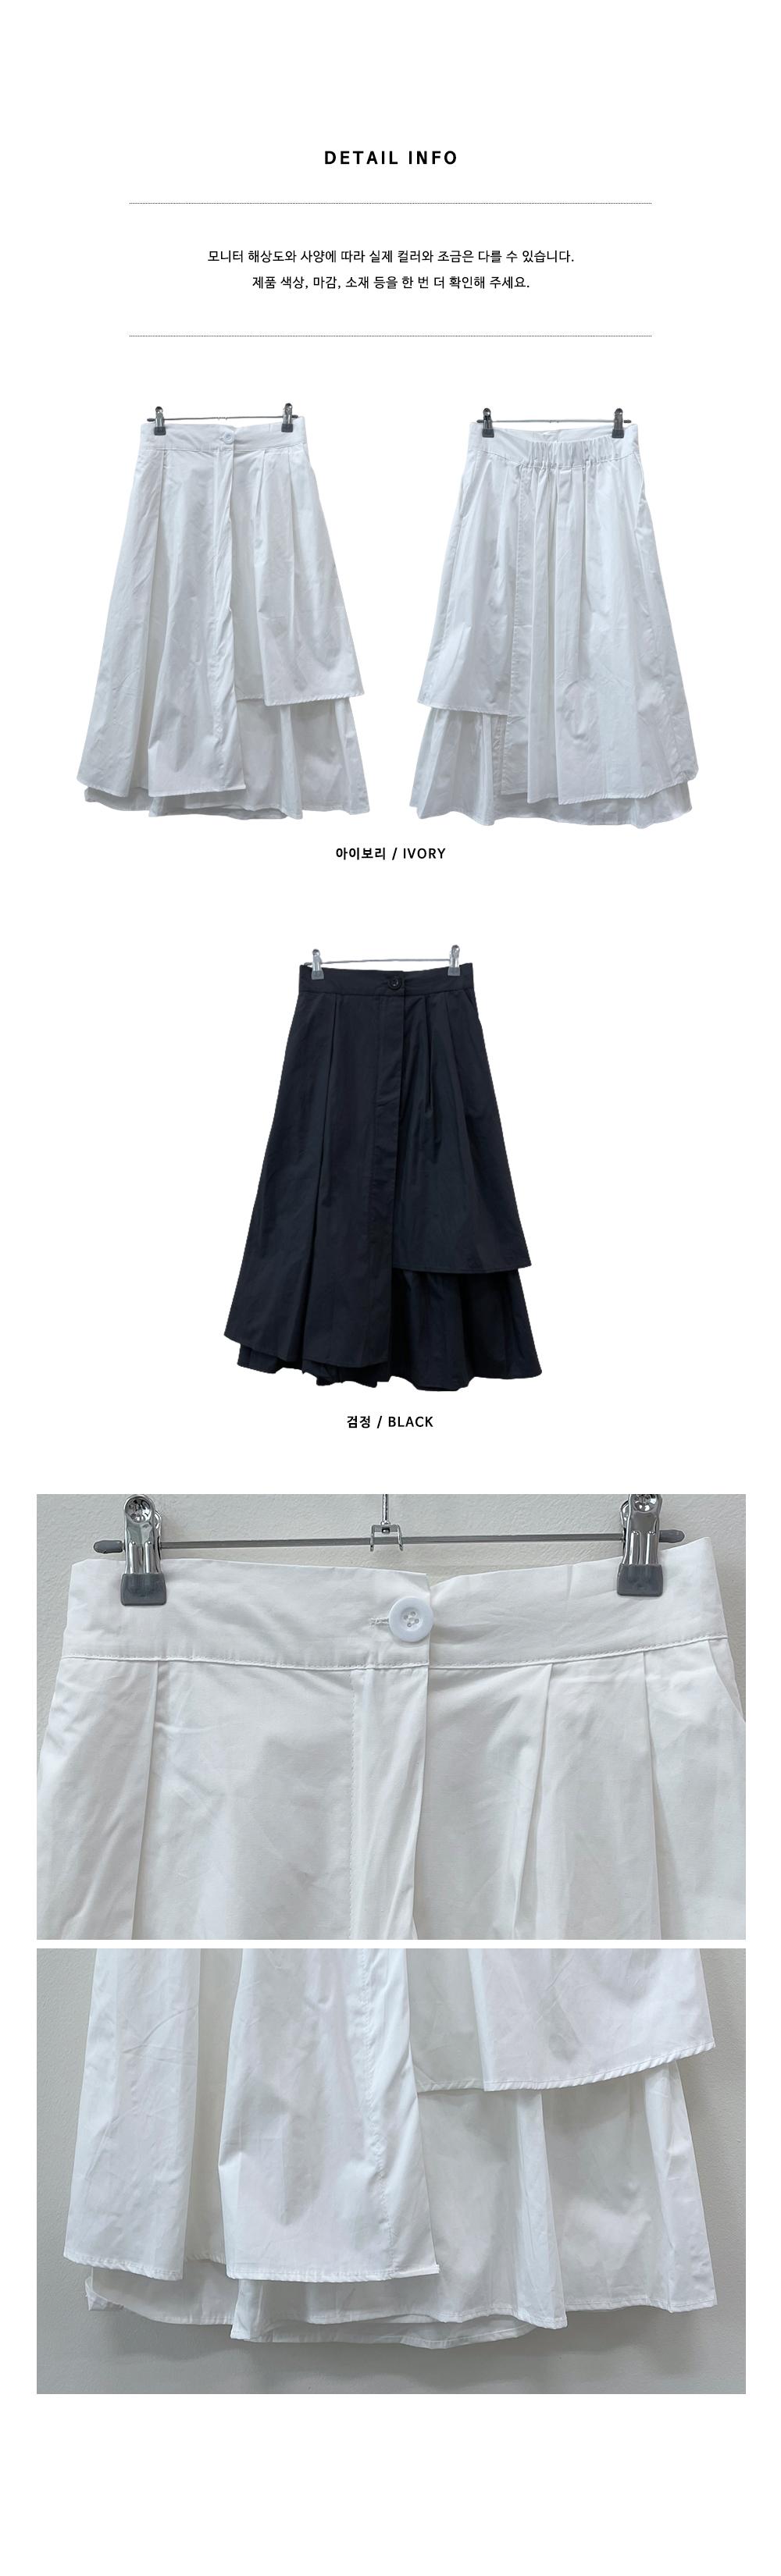 ドレミアンバランススカート